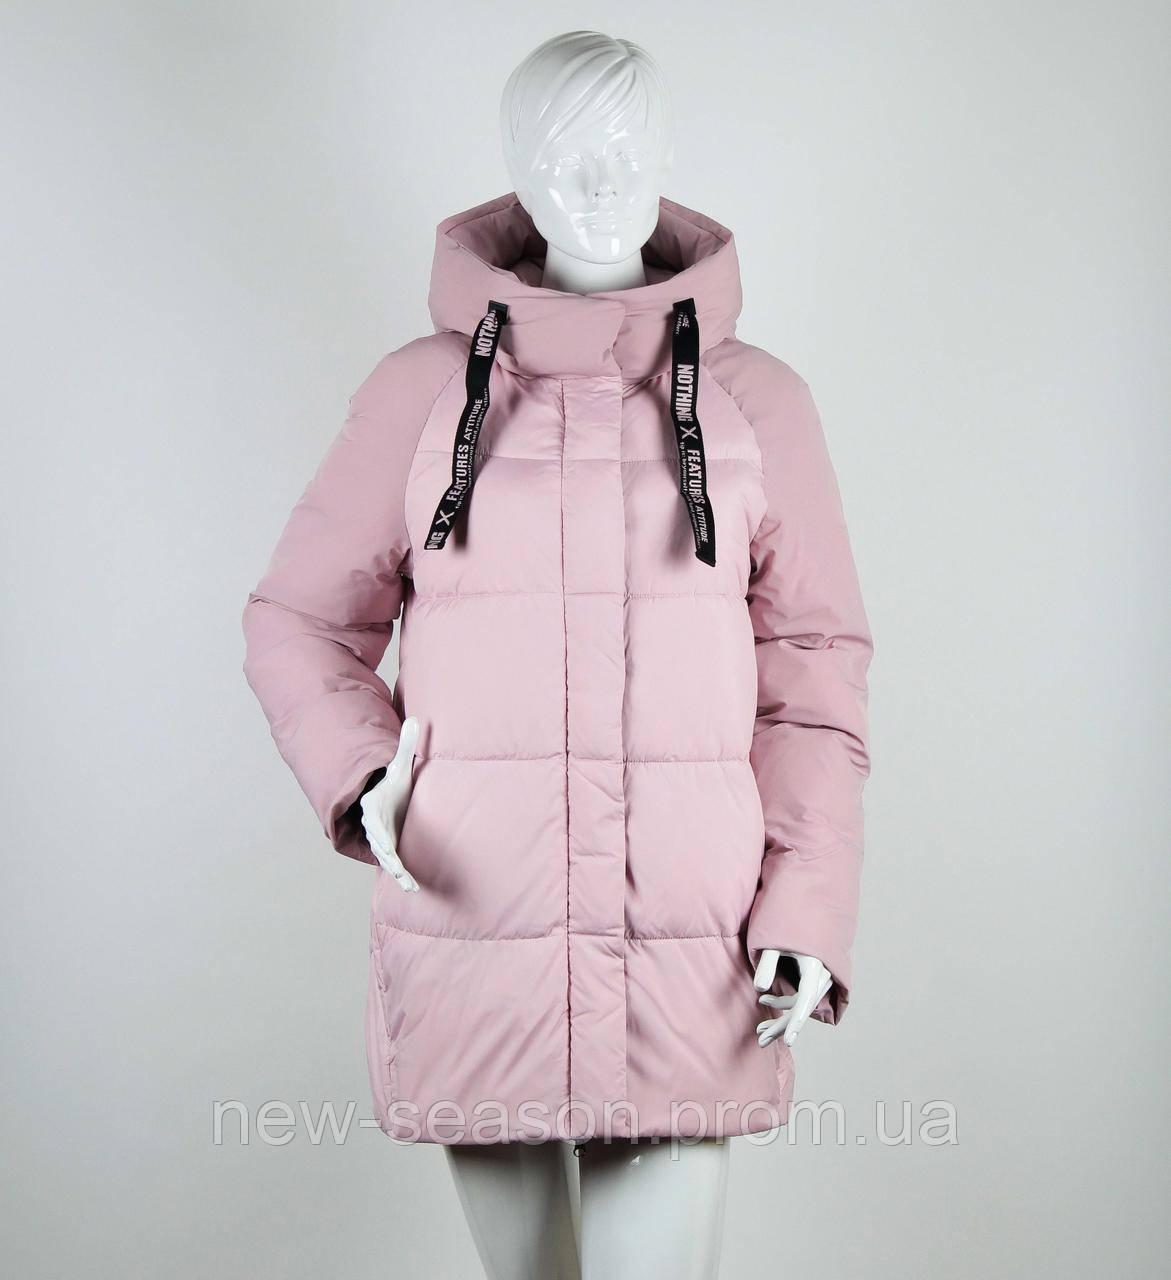 Куртка зимняя TOWMY 2216 пудра